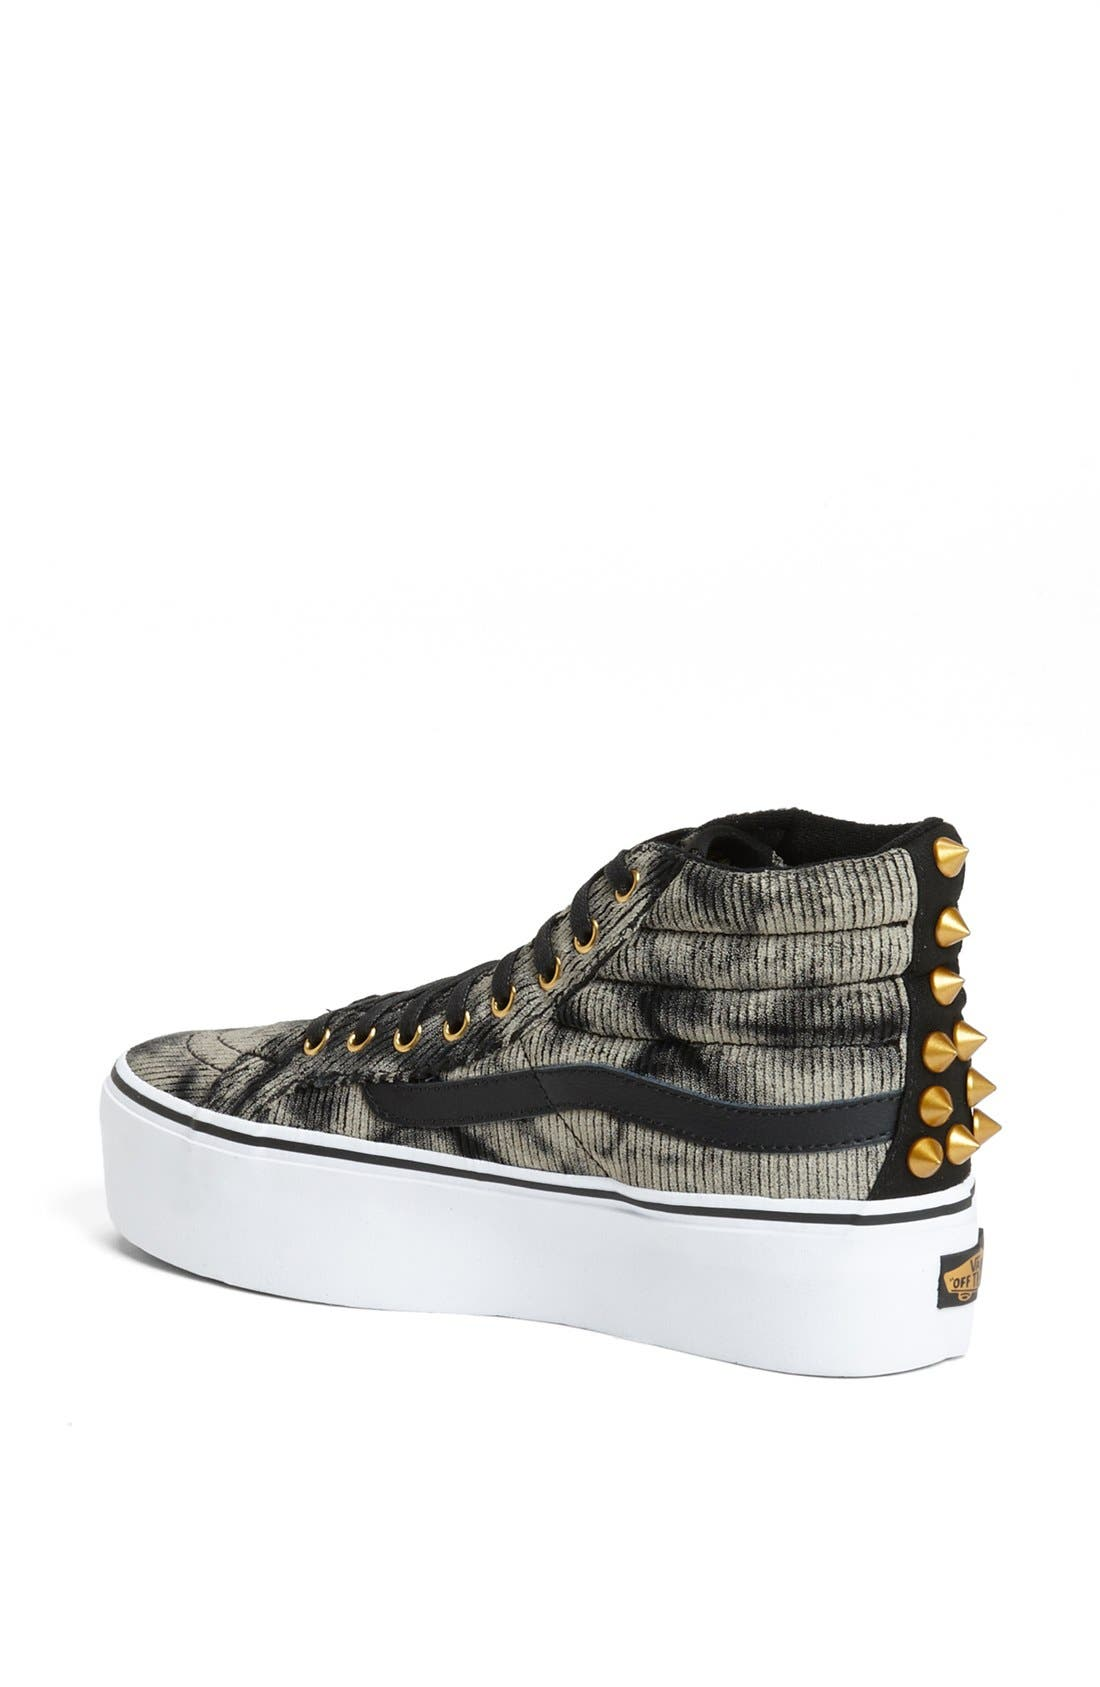 Alternate Image 2  - Vans 'Sk8 HI' Studded Platform Sneaker